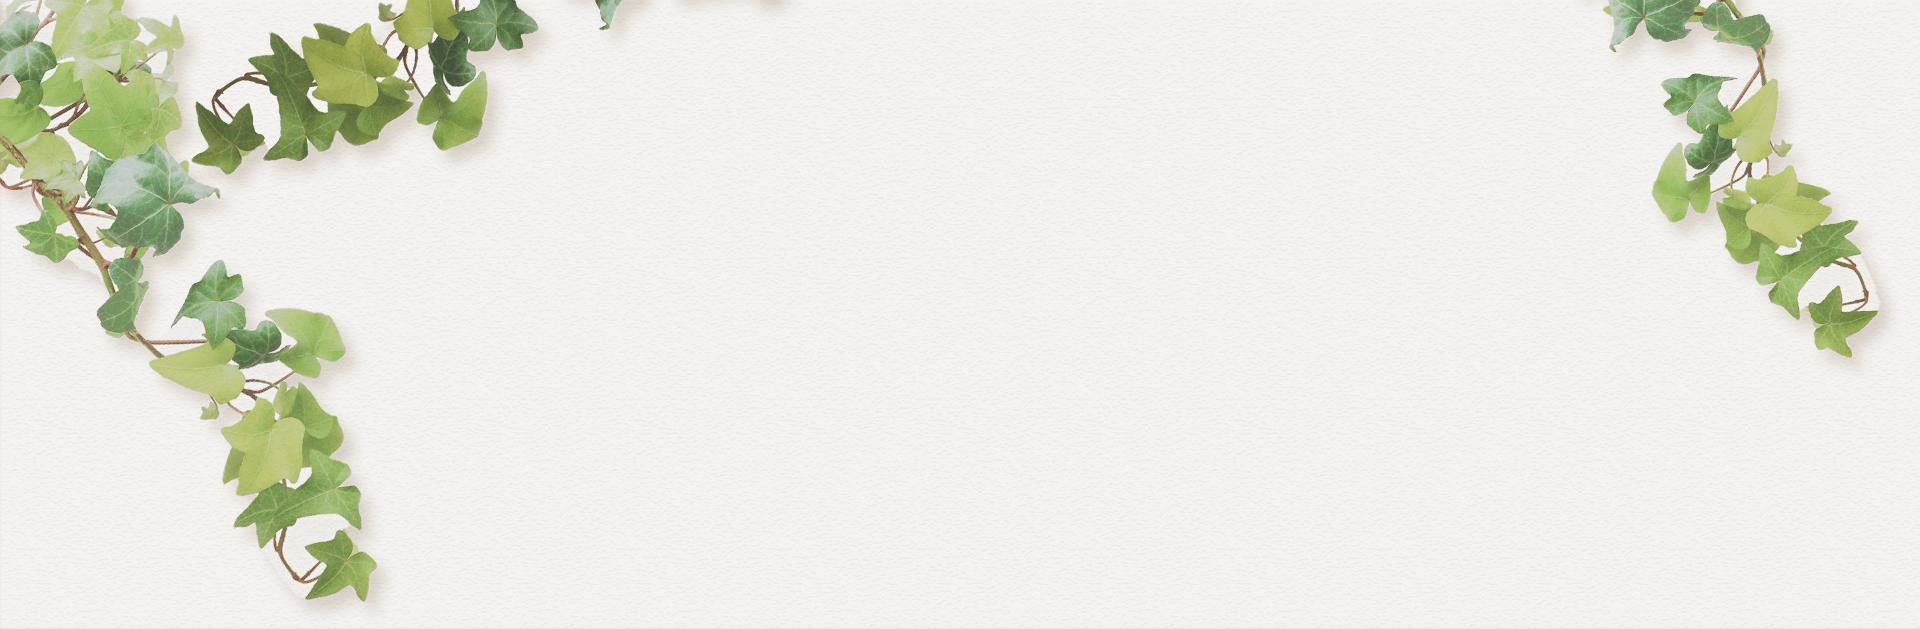 仙台の長町にある内科「みのりファミリークリニック」のよくある質問